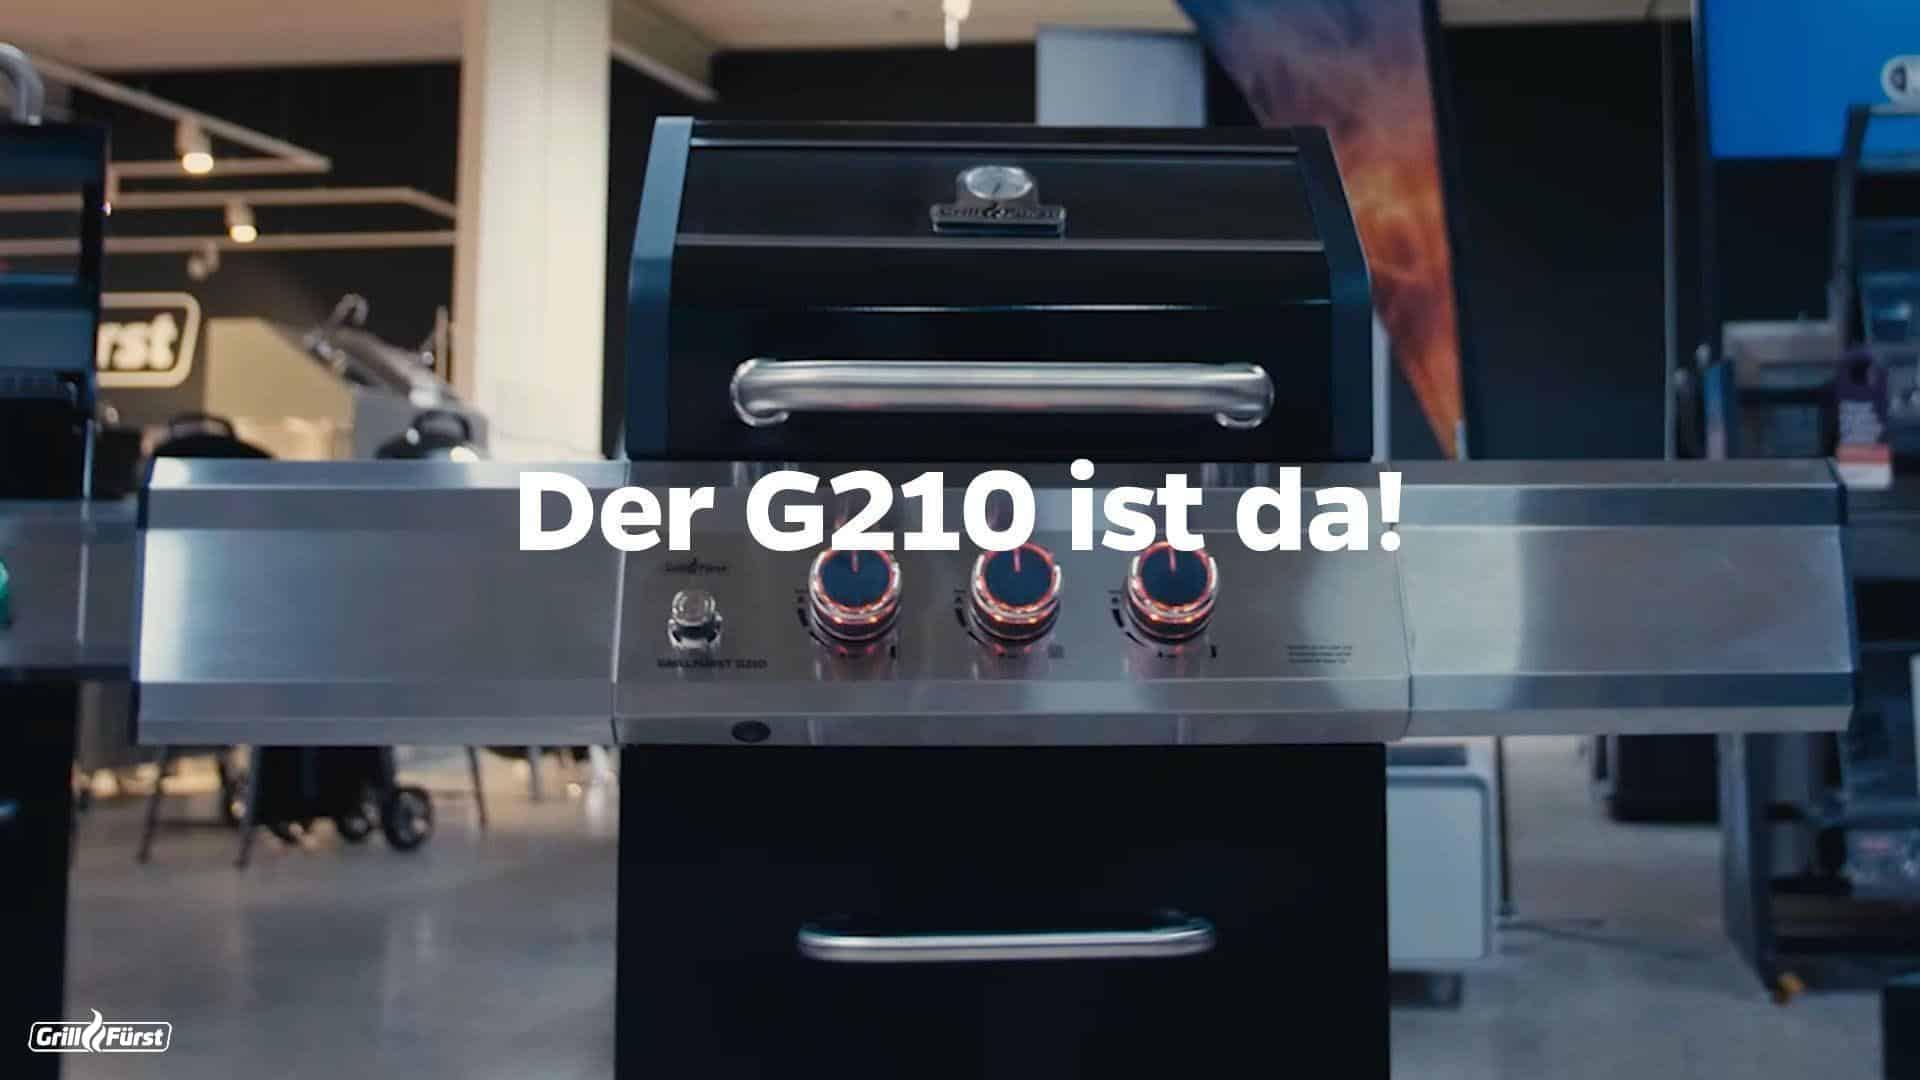 Der grillfürst G210 – Kompakt und Leistungsstark